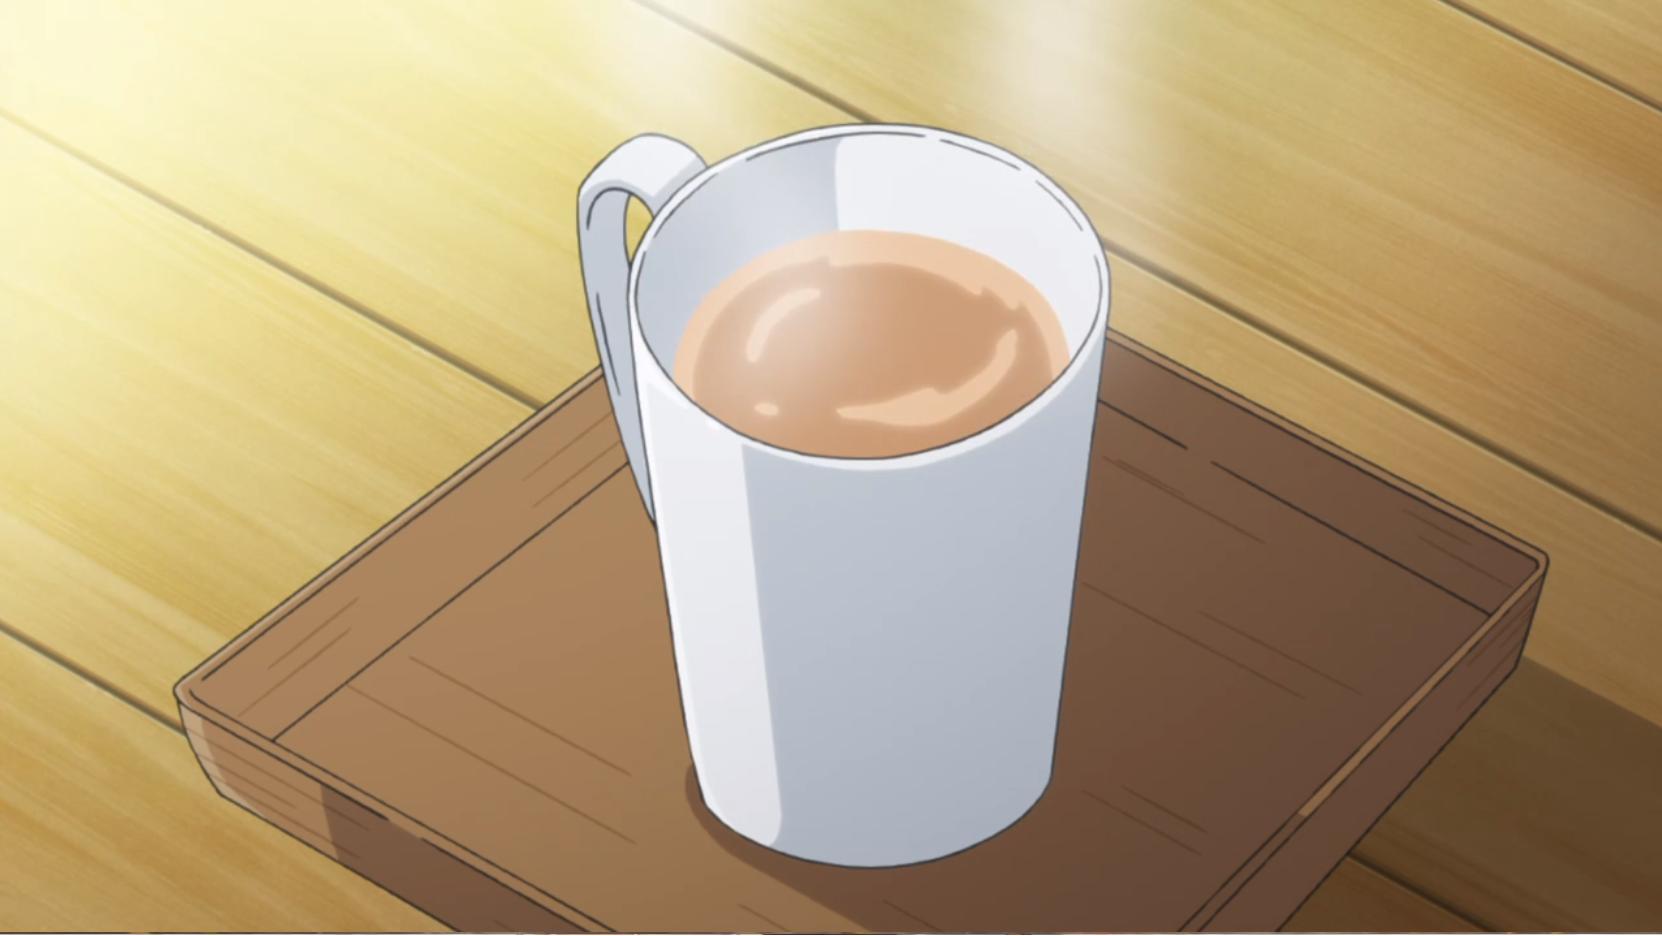 アニメ『ゆるキャン△』6話で志摩リンとなでしこが来たキャンプ場のホットチャイ